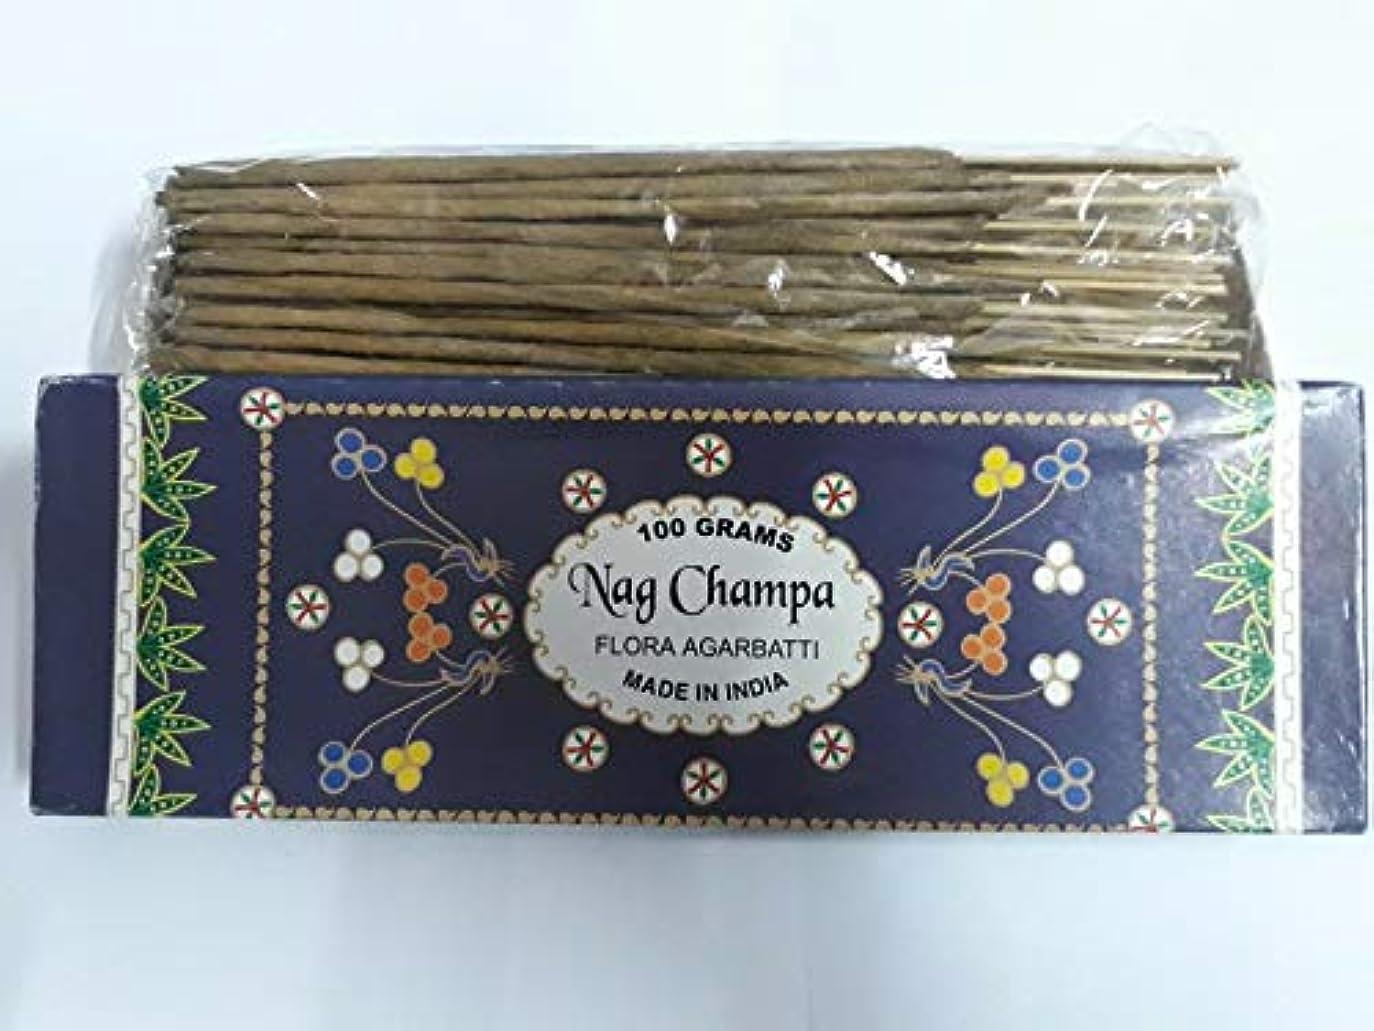 参加者世界に死んだ差別Nag Champa ナグチャンパ Agarbatti Incense Sticks 線香 100 grams Flora Agarbatti フローラ線香